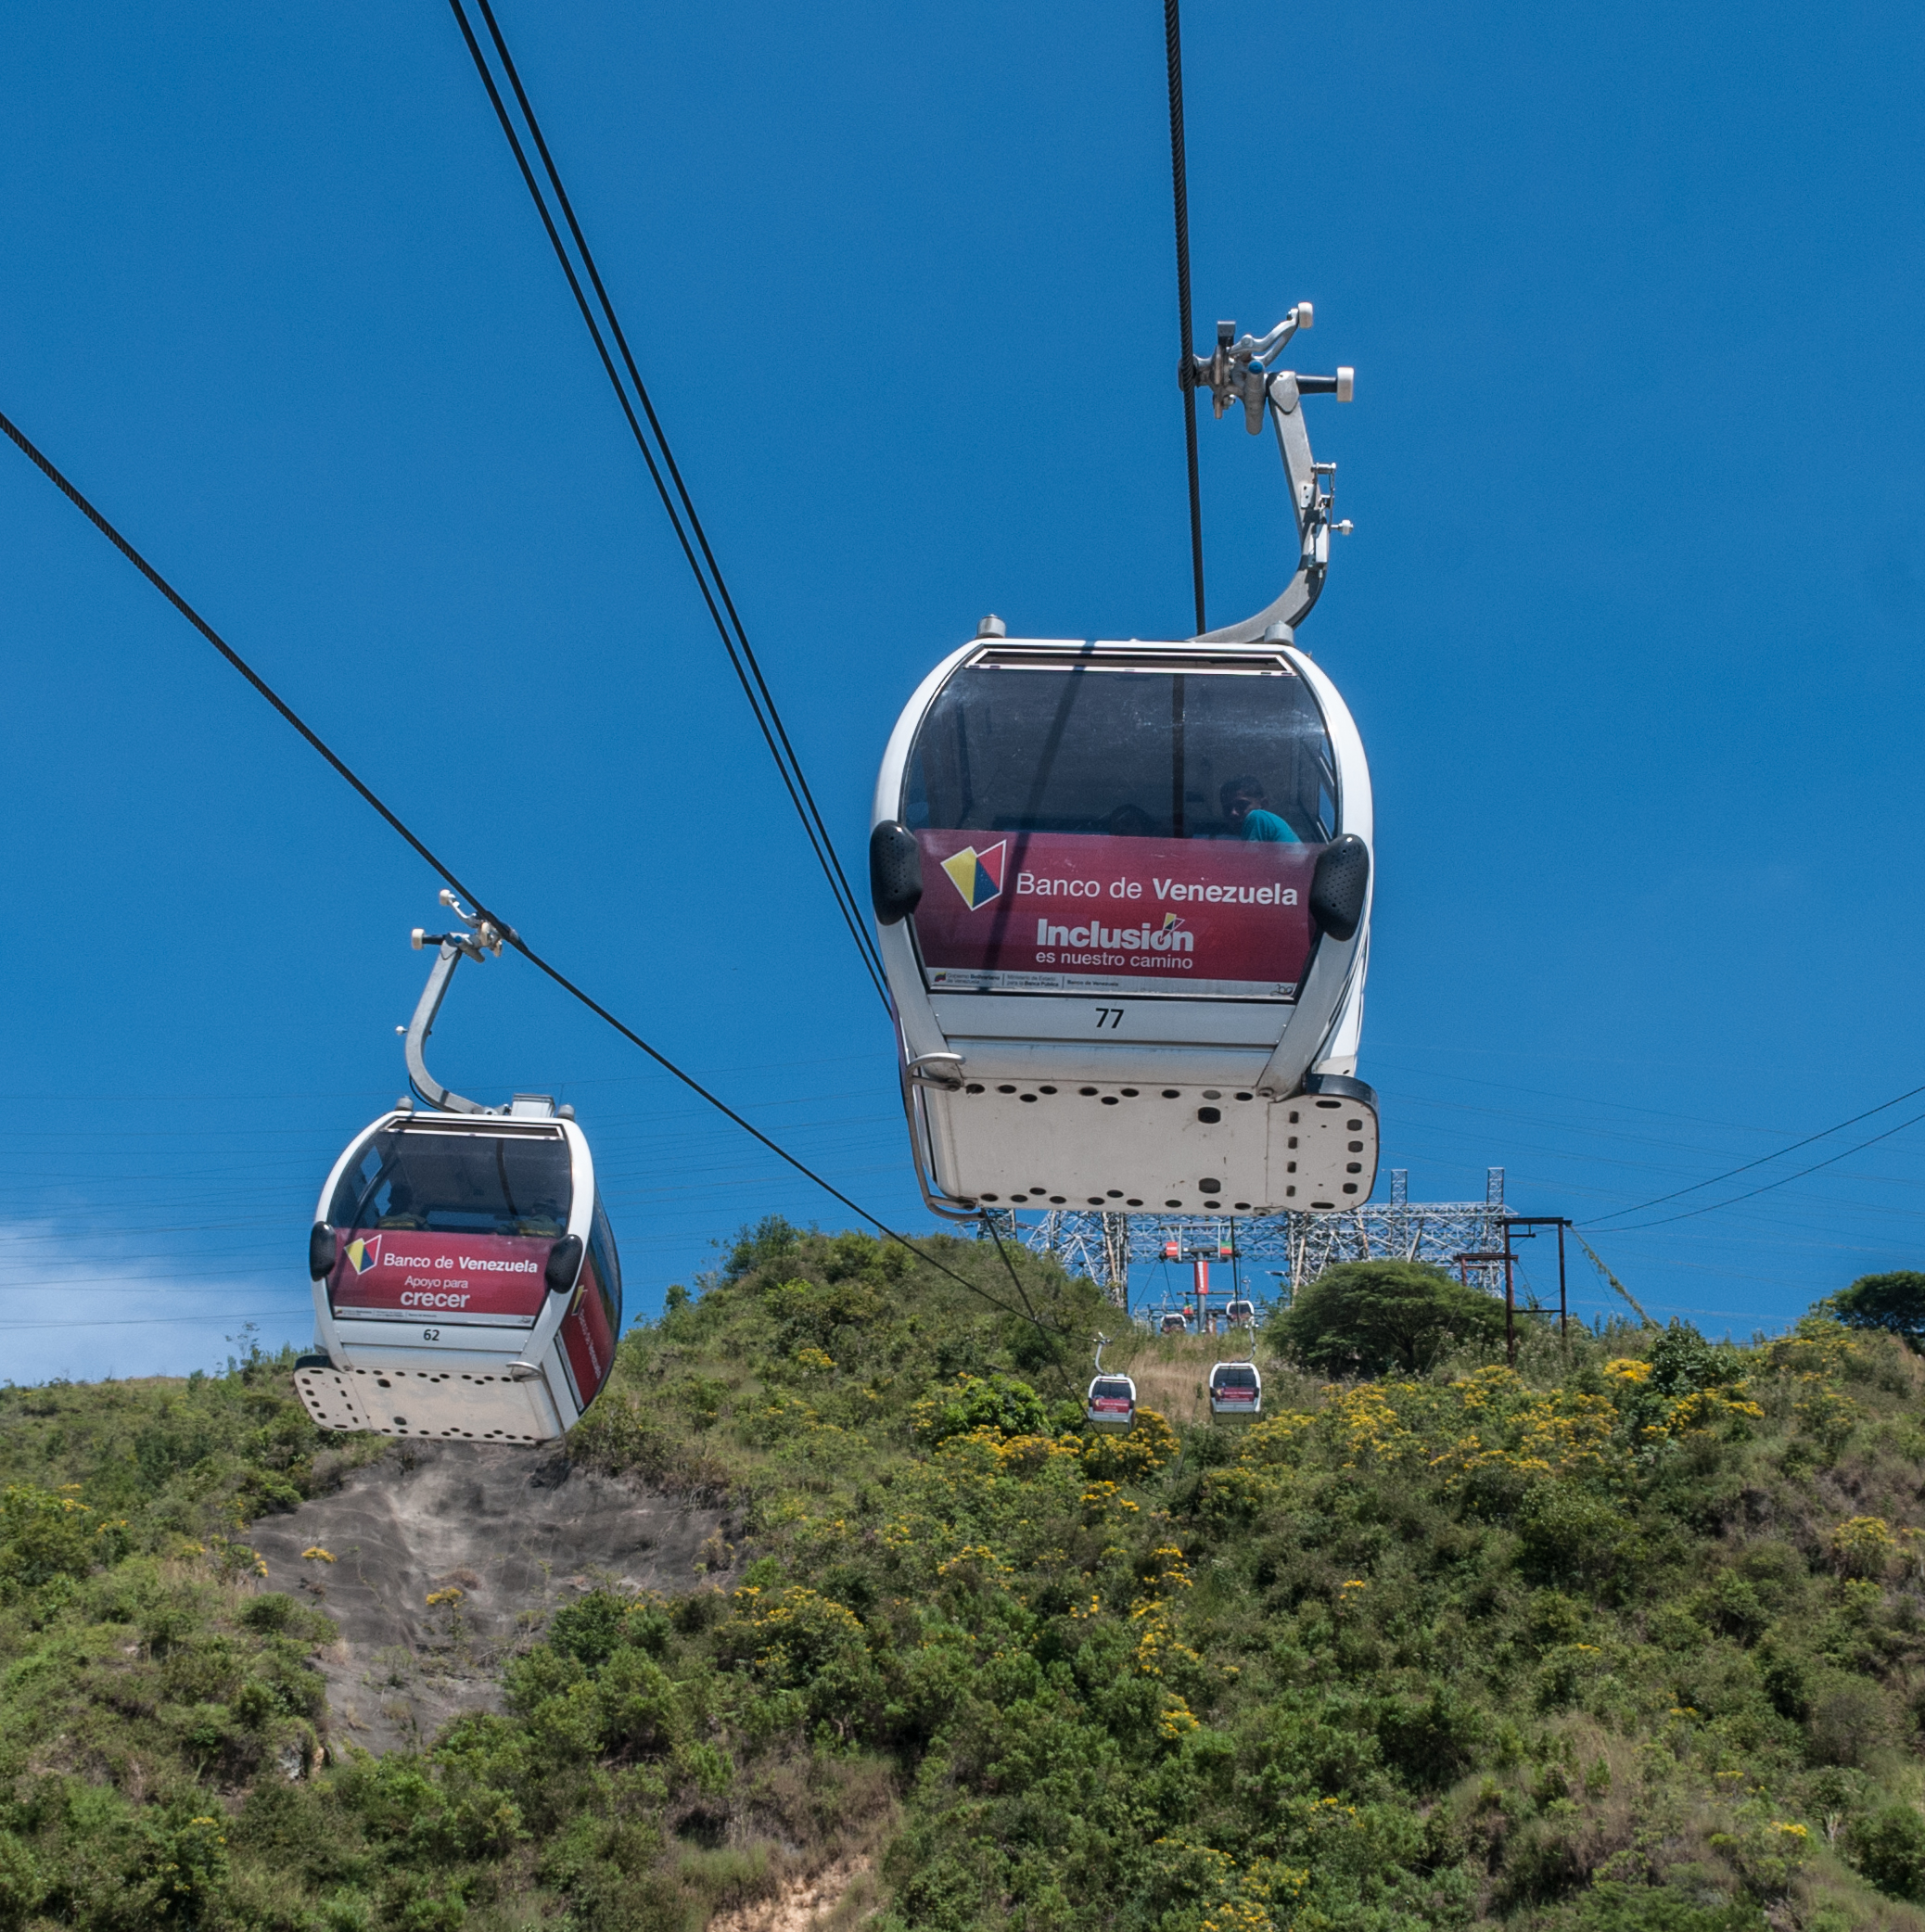 File:Teleférico de Caracas 1.jpg - Wikimedia Commons